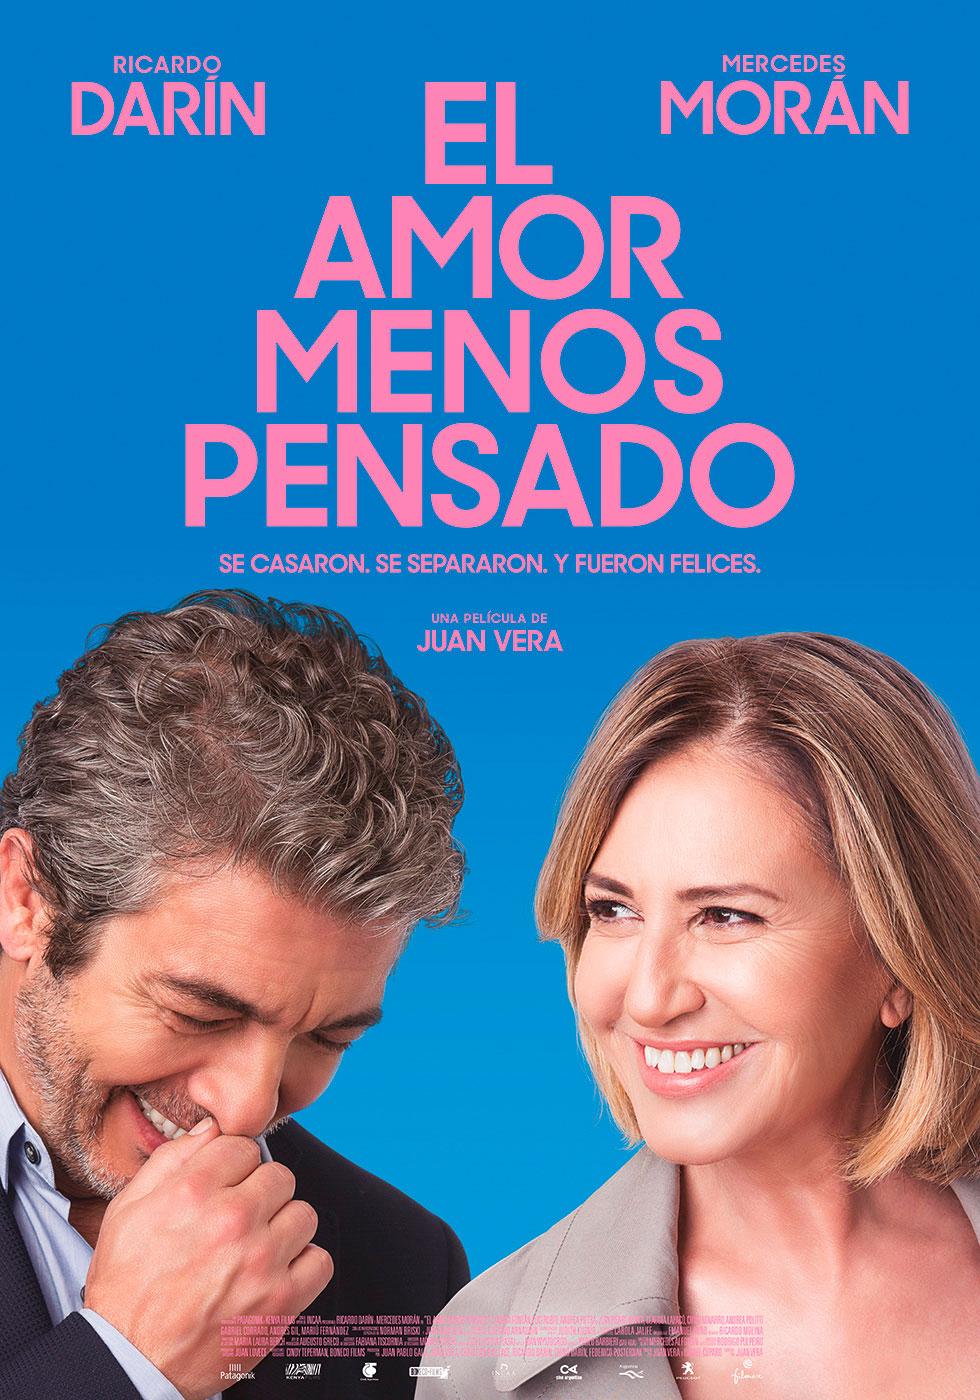 El Amor menos pensado - Cine Argentino - ArtesUnidas.com